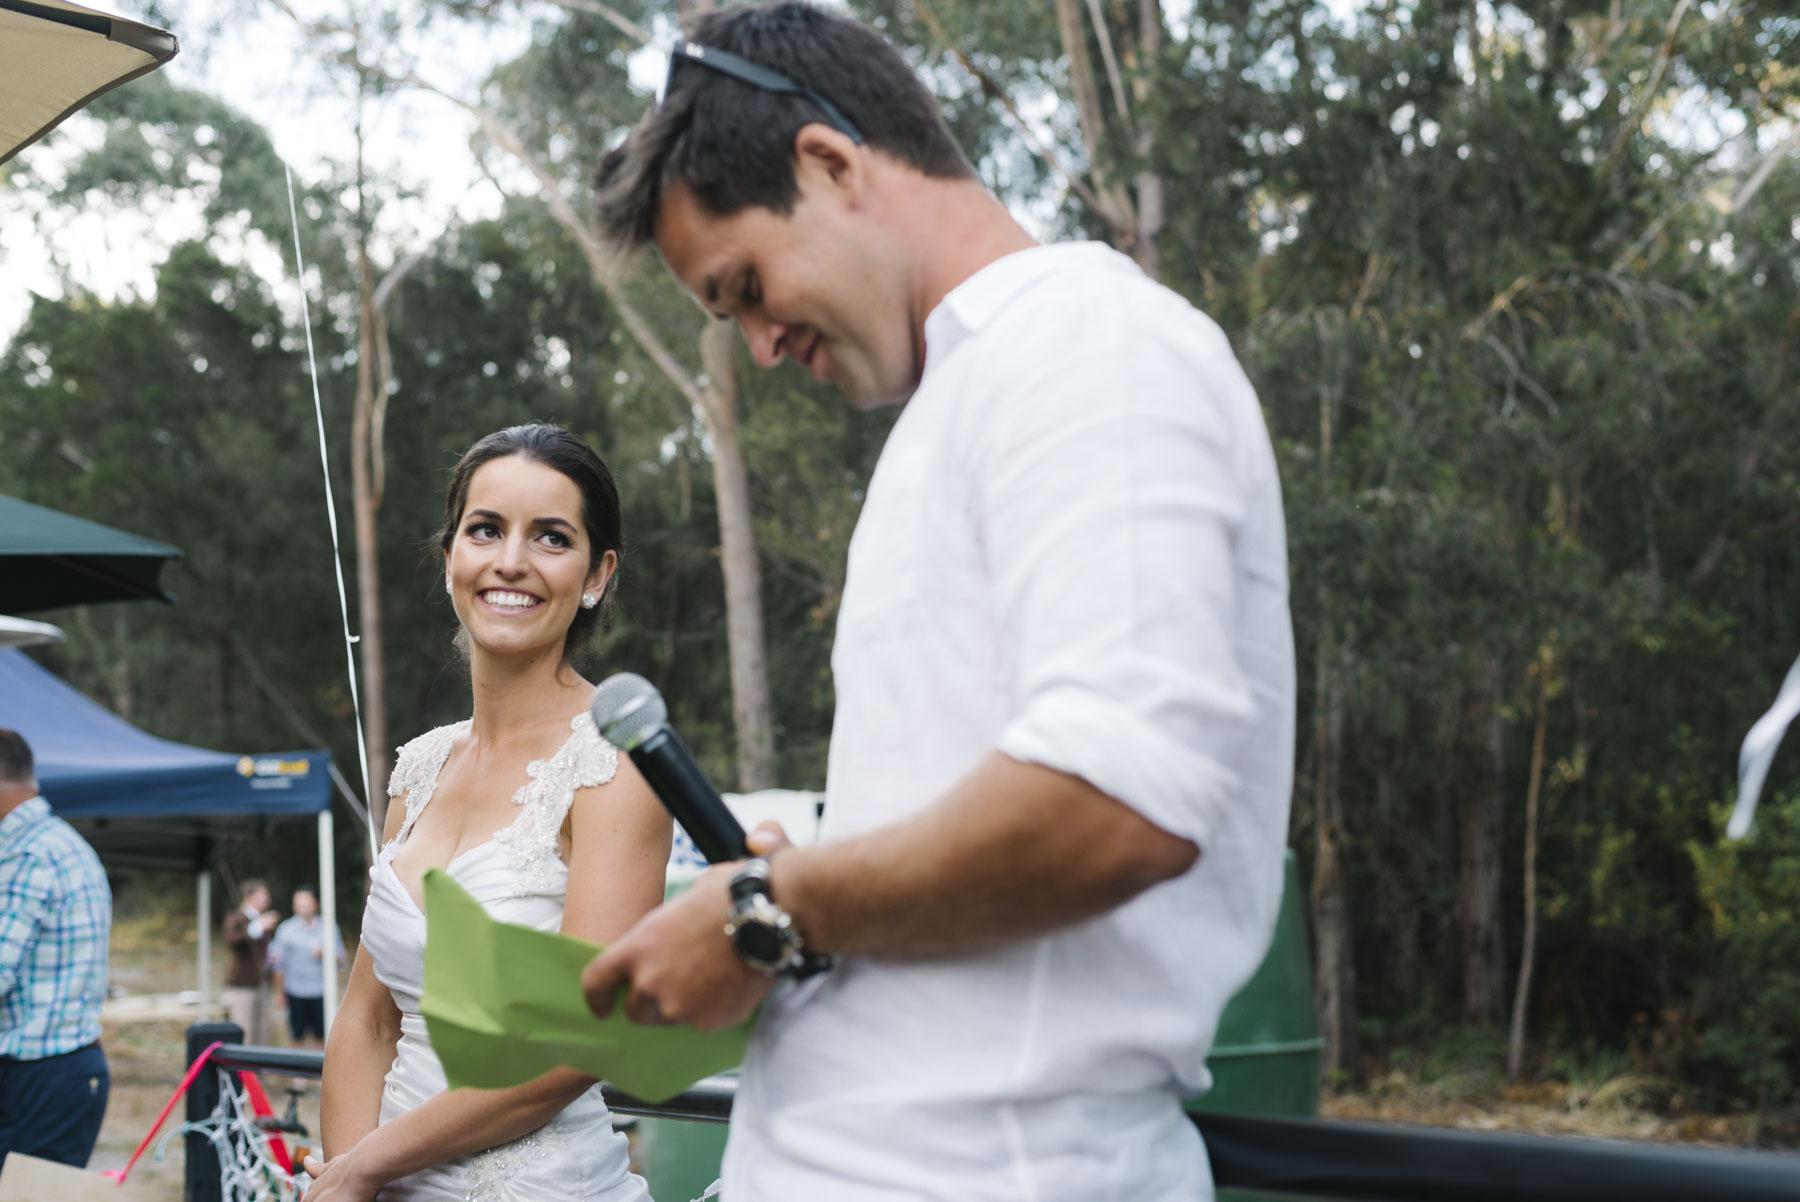 1501curchill-427alan_moyle_wedding_portrait_brighton_bayside_bay_of_fires_rustic_styled_rustic_beach_candid_documentry_binalongbay_tasmania_destination.jpg